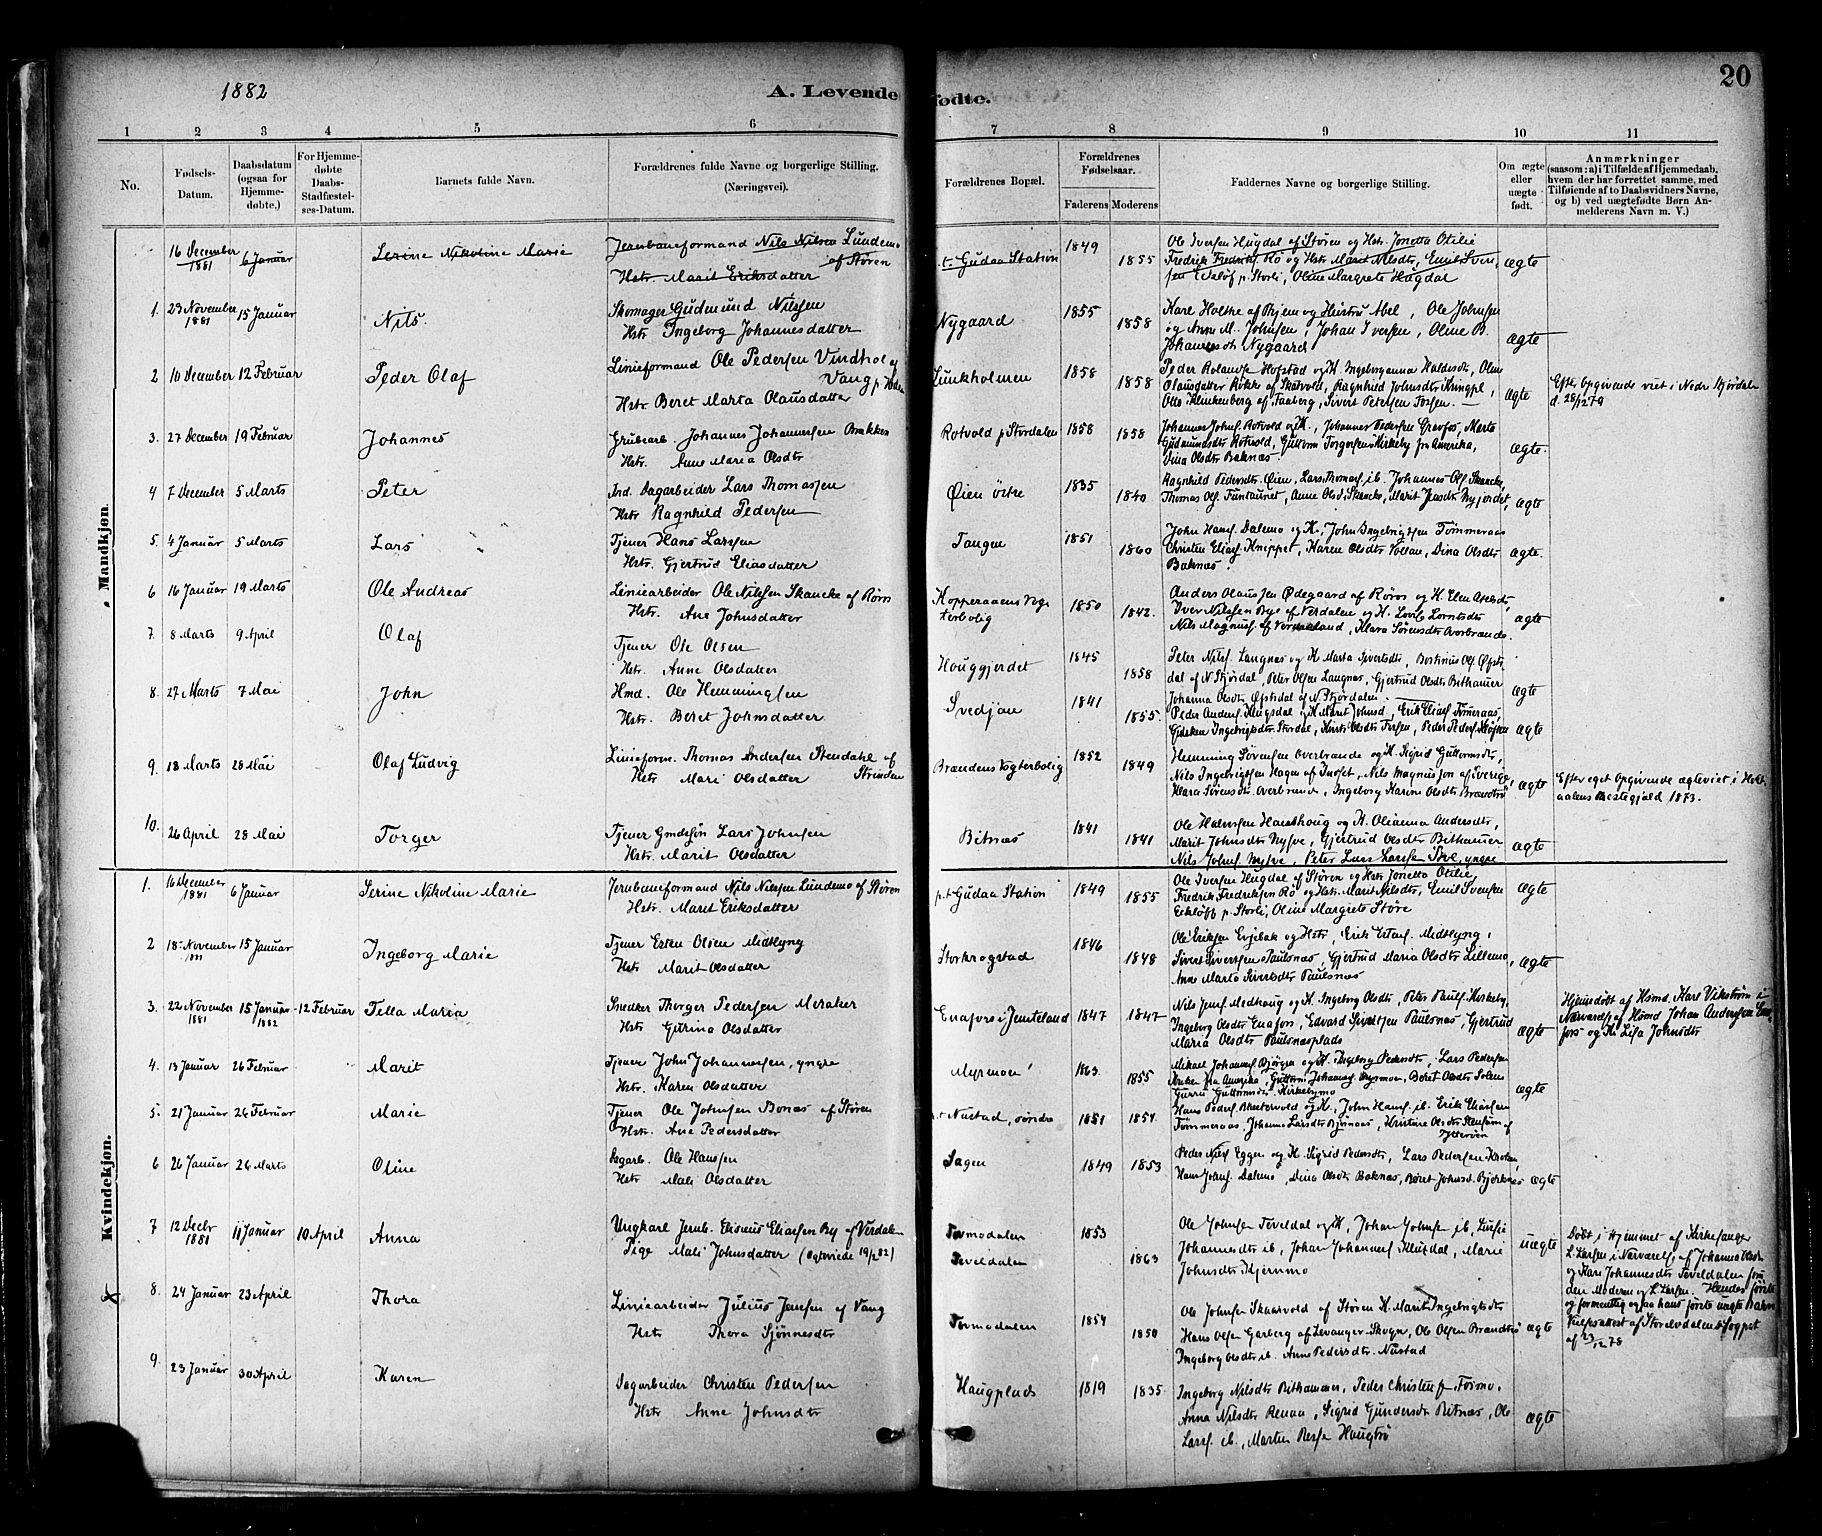 SAT, Ministerialprotokoller, klokkerbøker og fødselsregistre - Nord-Trøndelag, 706/L0047: Ministerialbok nr. 706A03, 1878-1892, s. 20